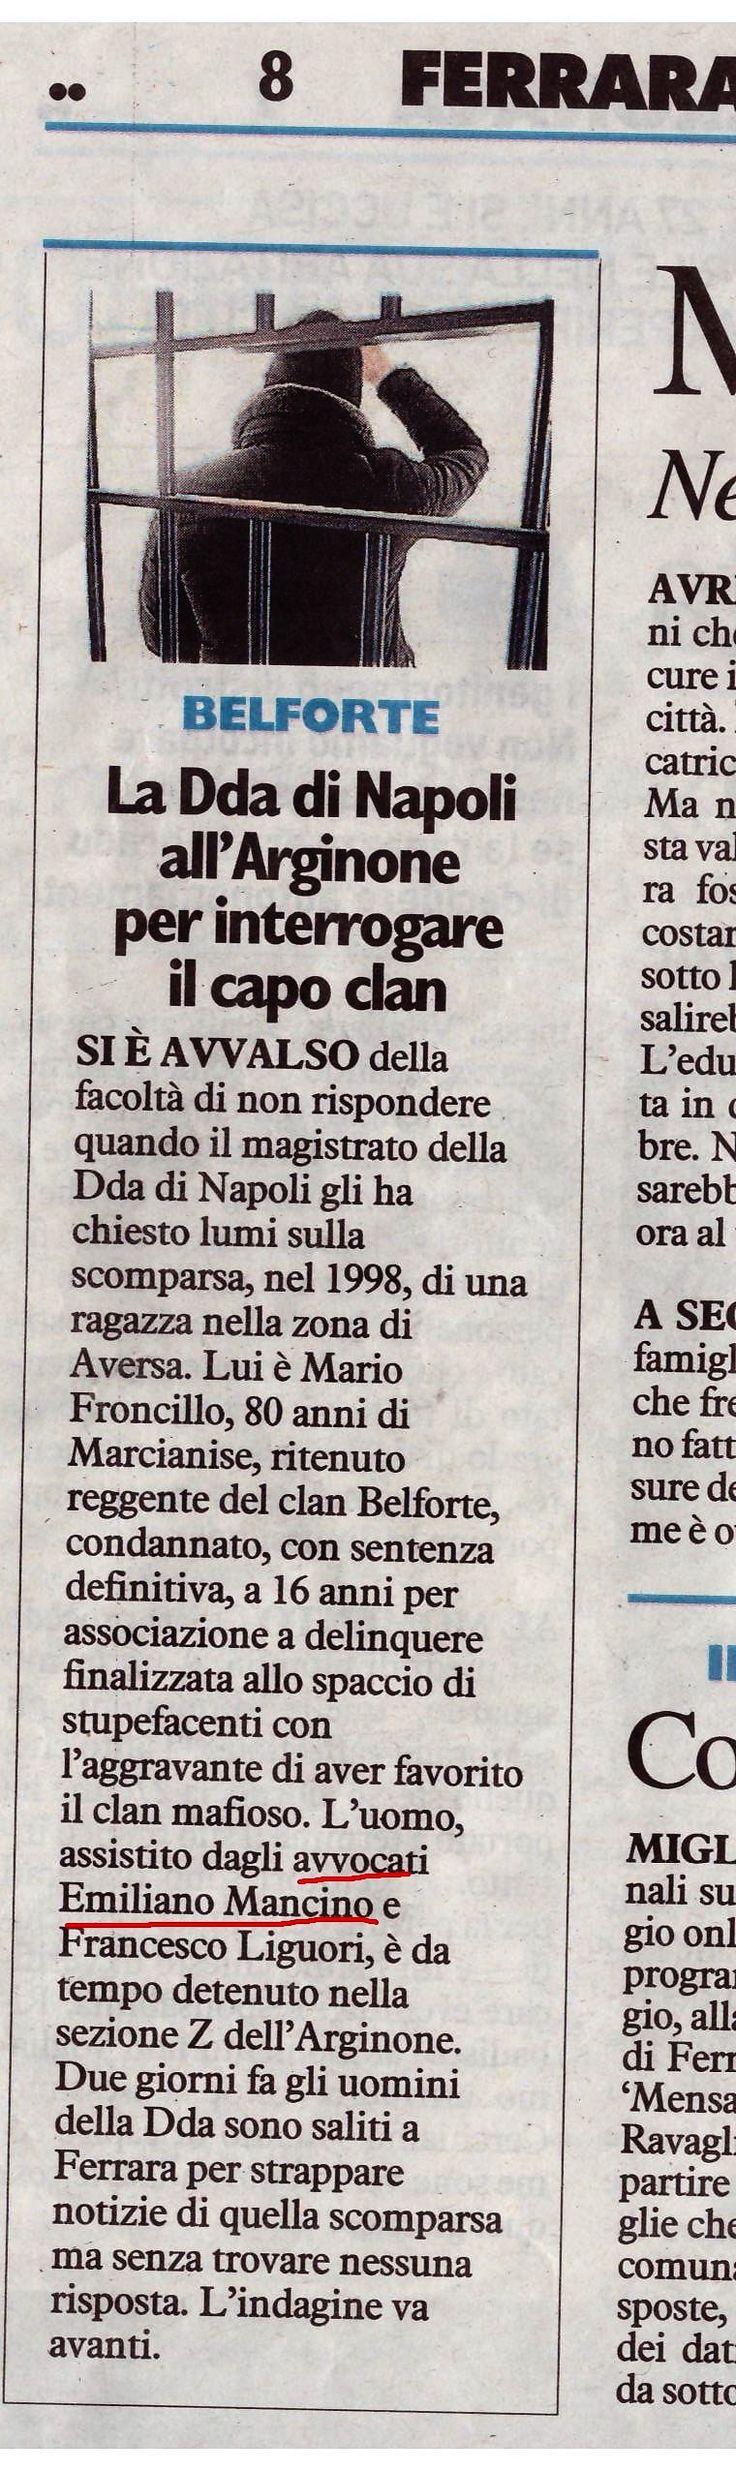 #StudioLegaleMancino #Ferrara #Penale #DDA #Procura #Antimafia #Napoli #Interrogatorio #FacoltàDiNonRispondere